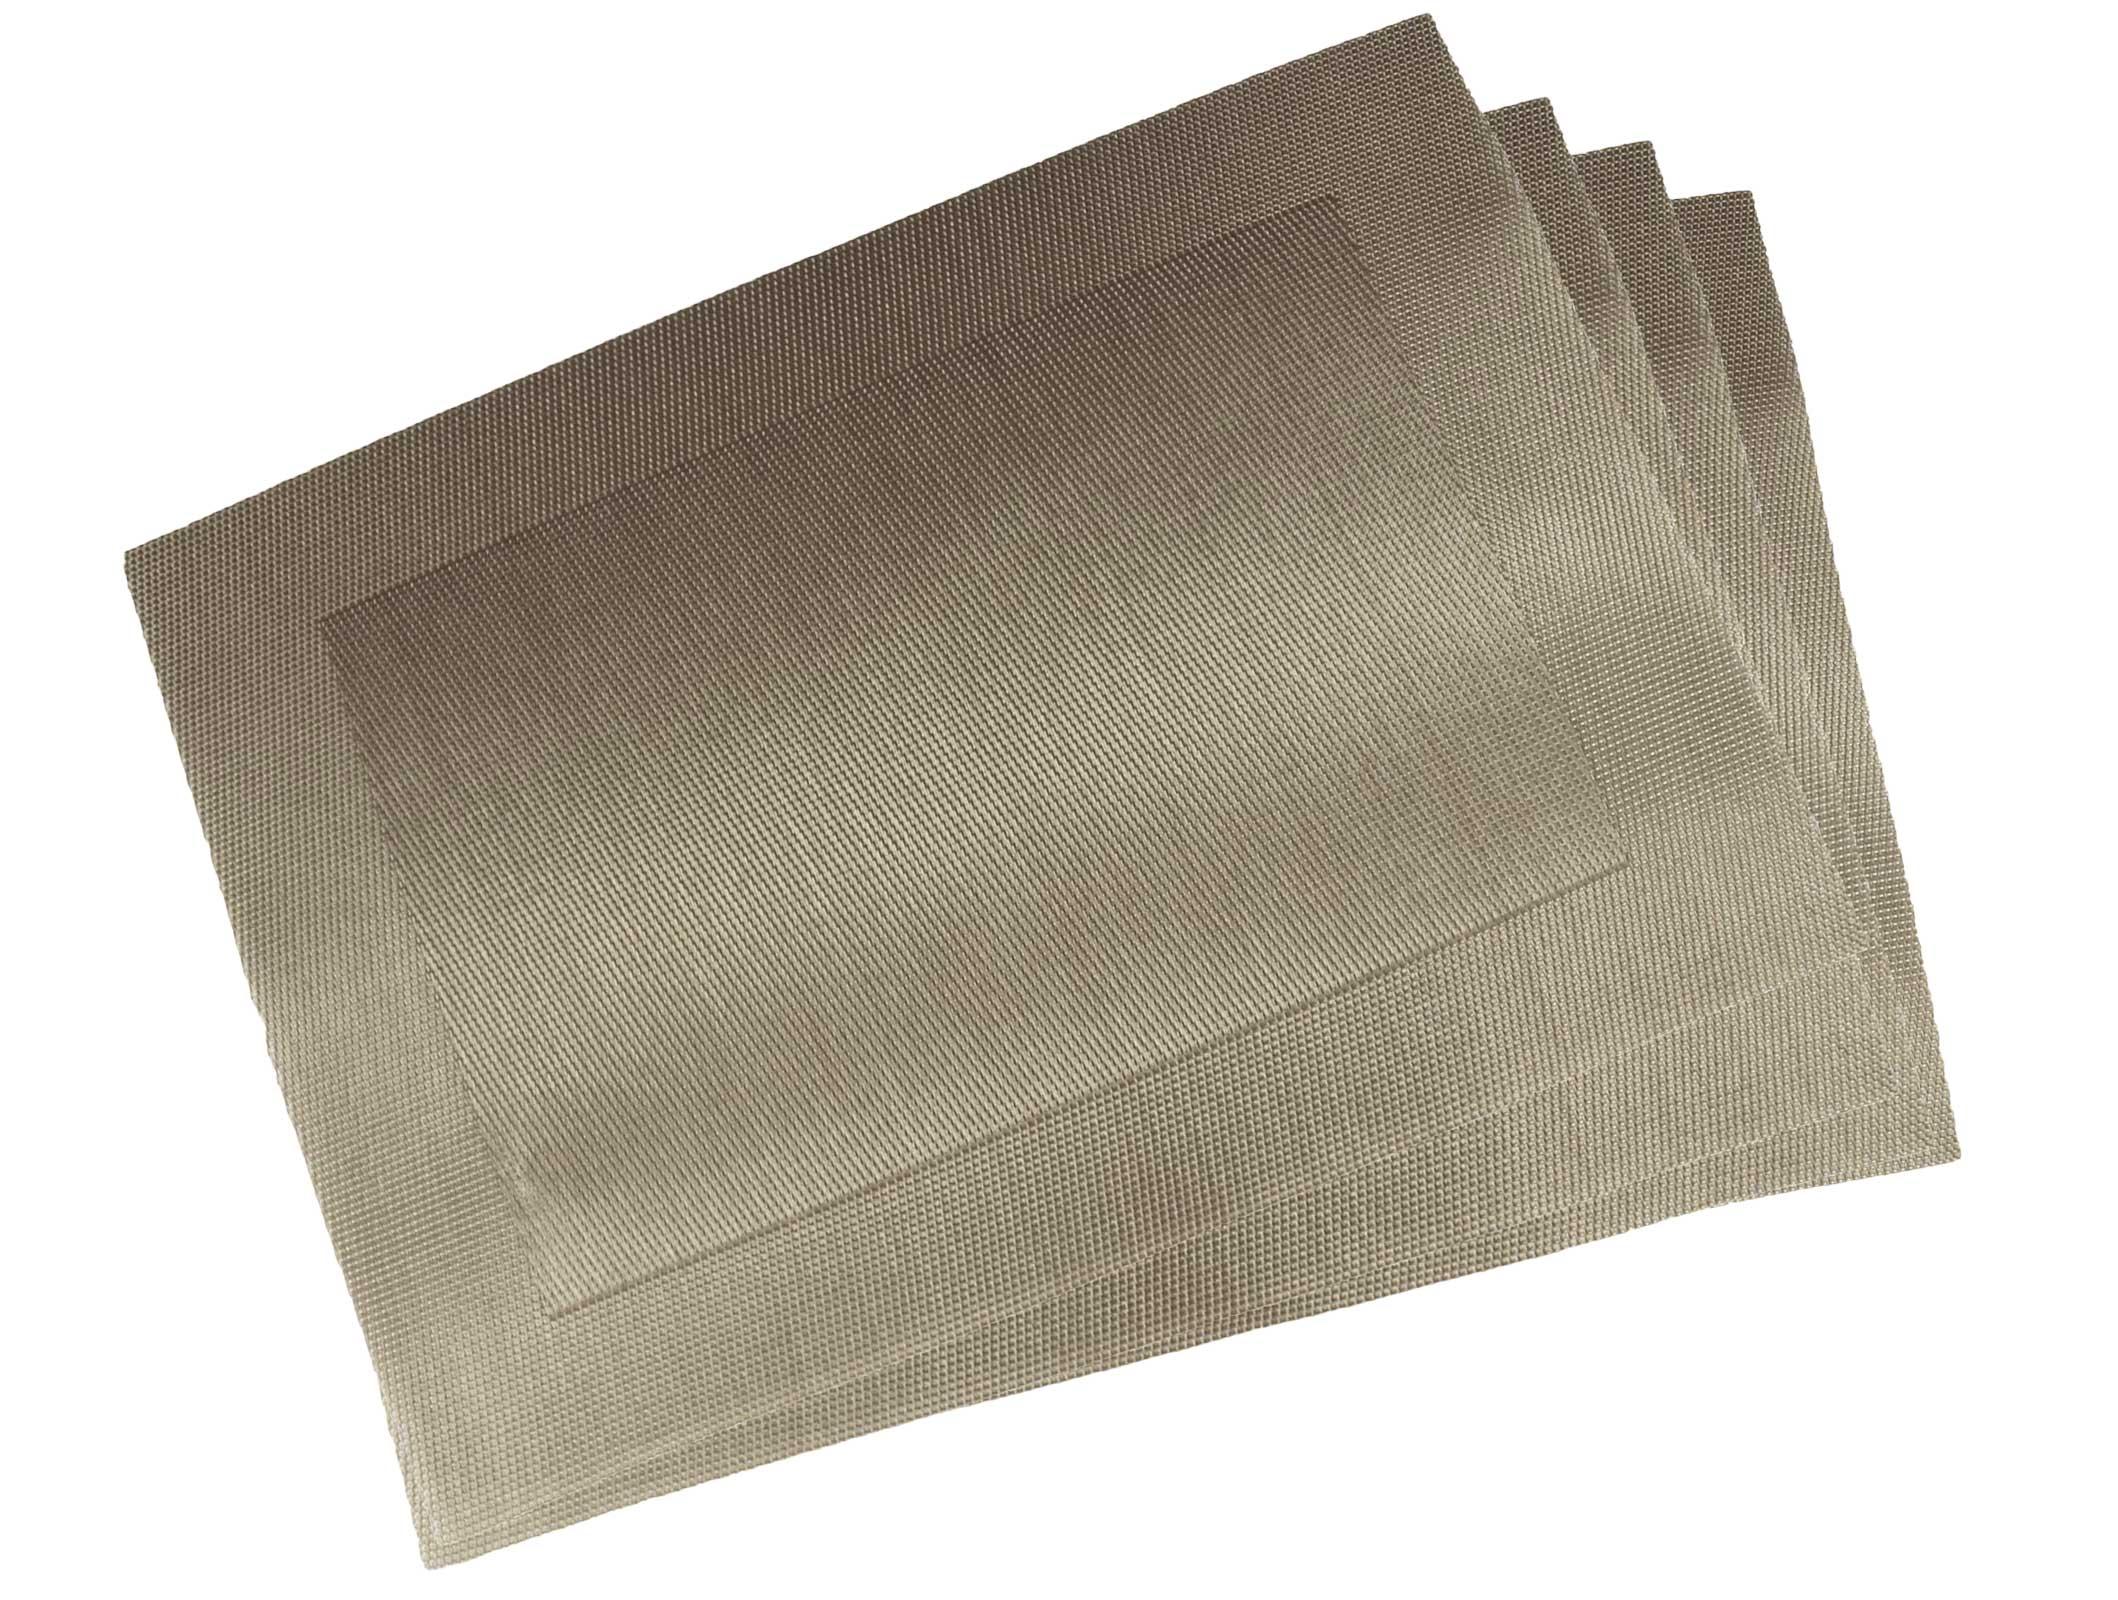 Küchentextilien - 6er Pack Platzset Tischset 30x45cm uni waschbar taupe  - Onlineshop PremiumShop321